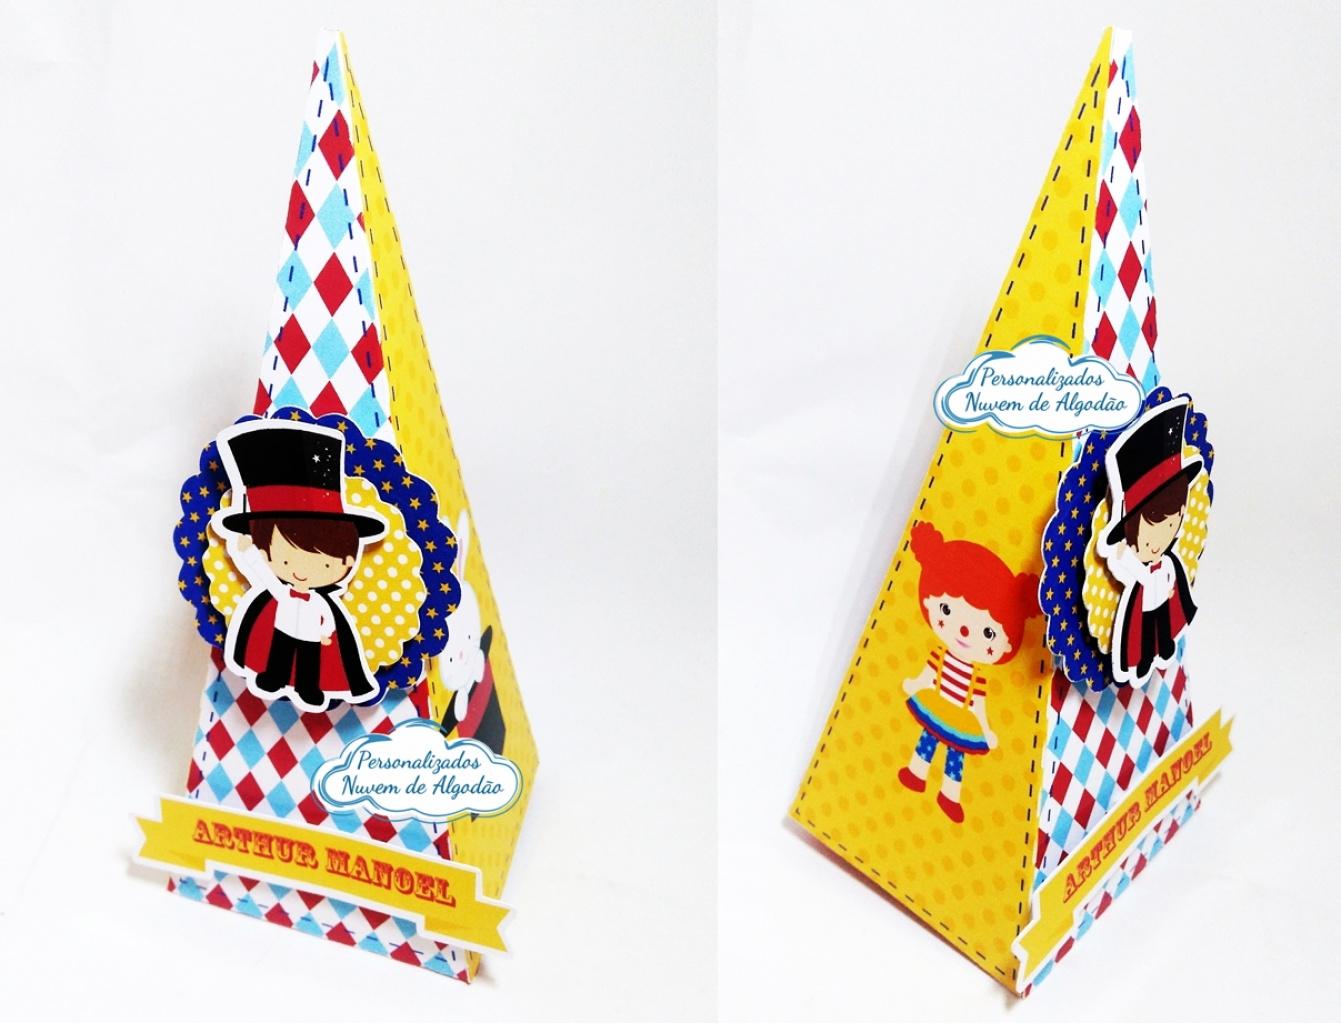 Nuvem de algodão personalizados - Caixa pirâmide Circo